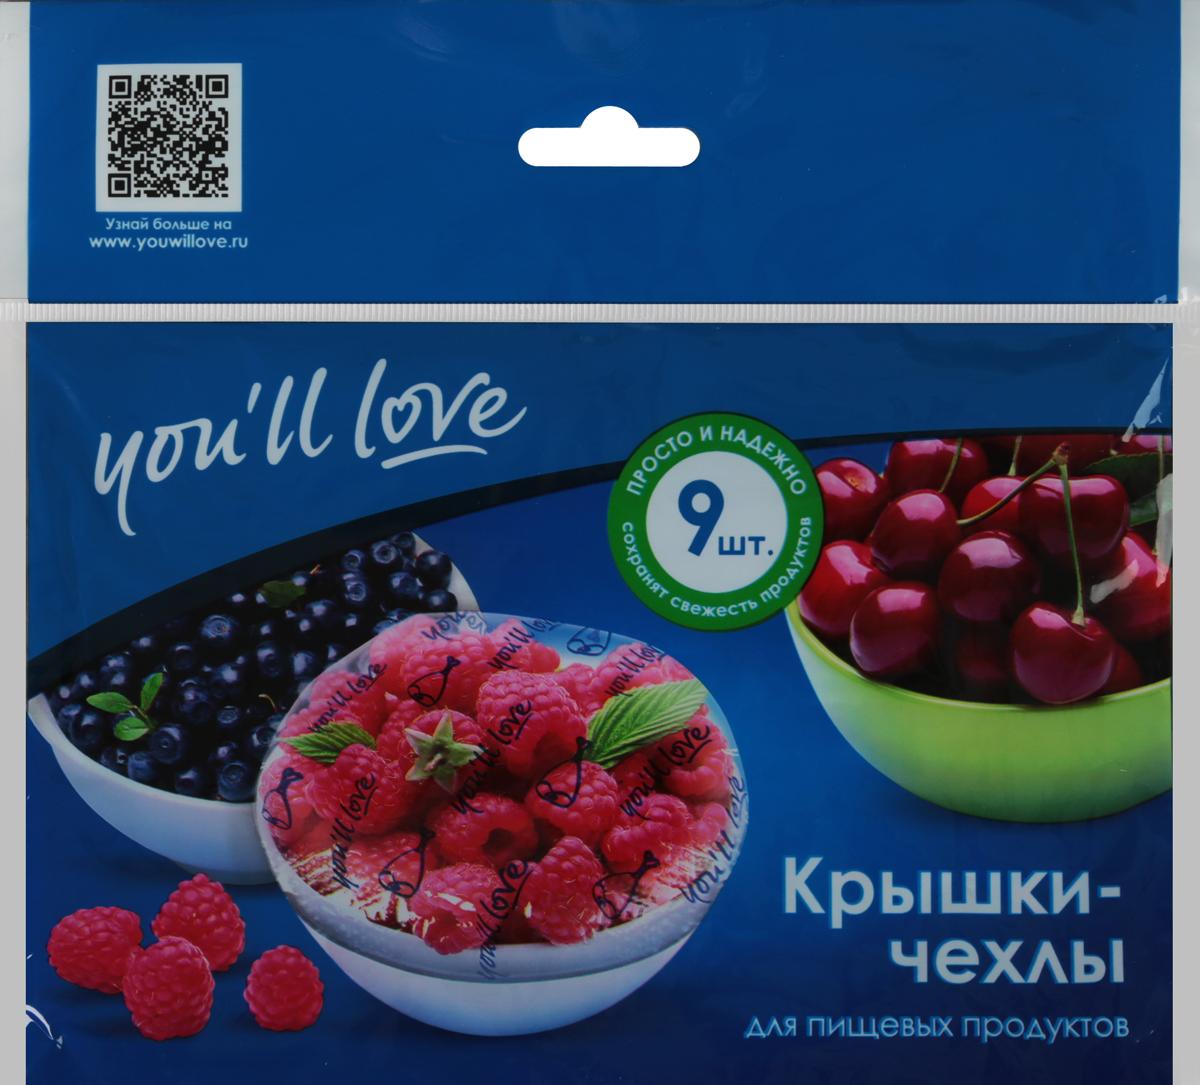 Крышки-чехлы для пищевых продуктов Youll love, 9 шт59Крышки-чехлы для пищевых продуктов Youll love, изготовленные из полиэтилена, предназначены для сохранения свежести продуктов, напитков в открытых емкостях. С их помощью вы сможете хранить тарелки с салатом, открытые банки или кувшины с напитками, разрезанные арбузы и дыни. Резинка плотно закрепляет чехол на посуде и надолго сохраняет свежесть ваших продуктов на столе, на террасе или в холодильнике. В наборе - 9 крышек-чехлов.Можно использовать при разогреве продуктов в микроволновой печи.